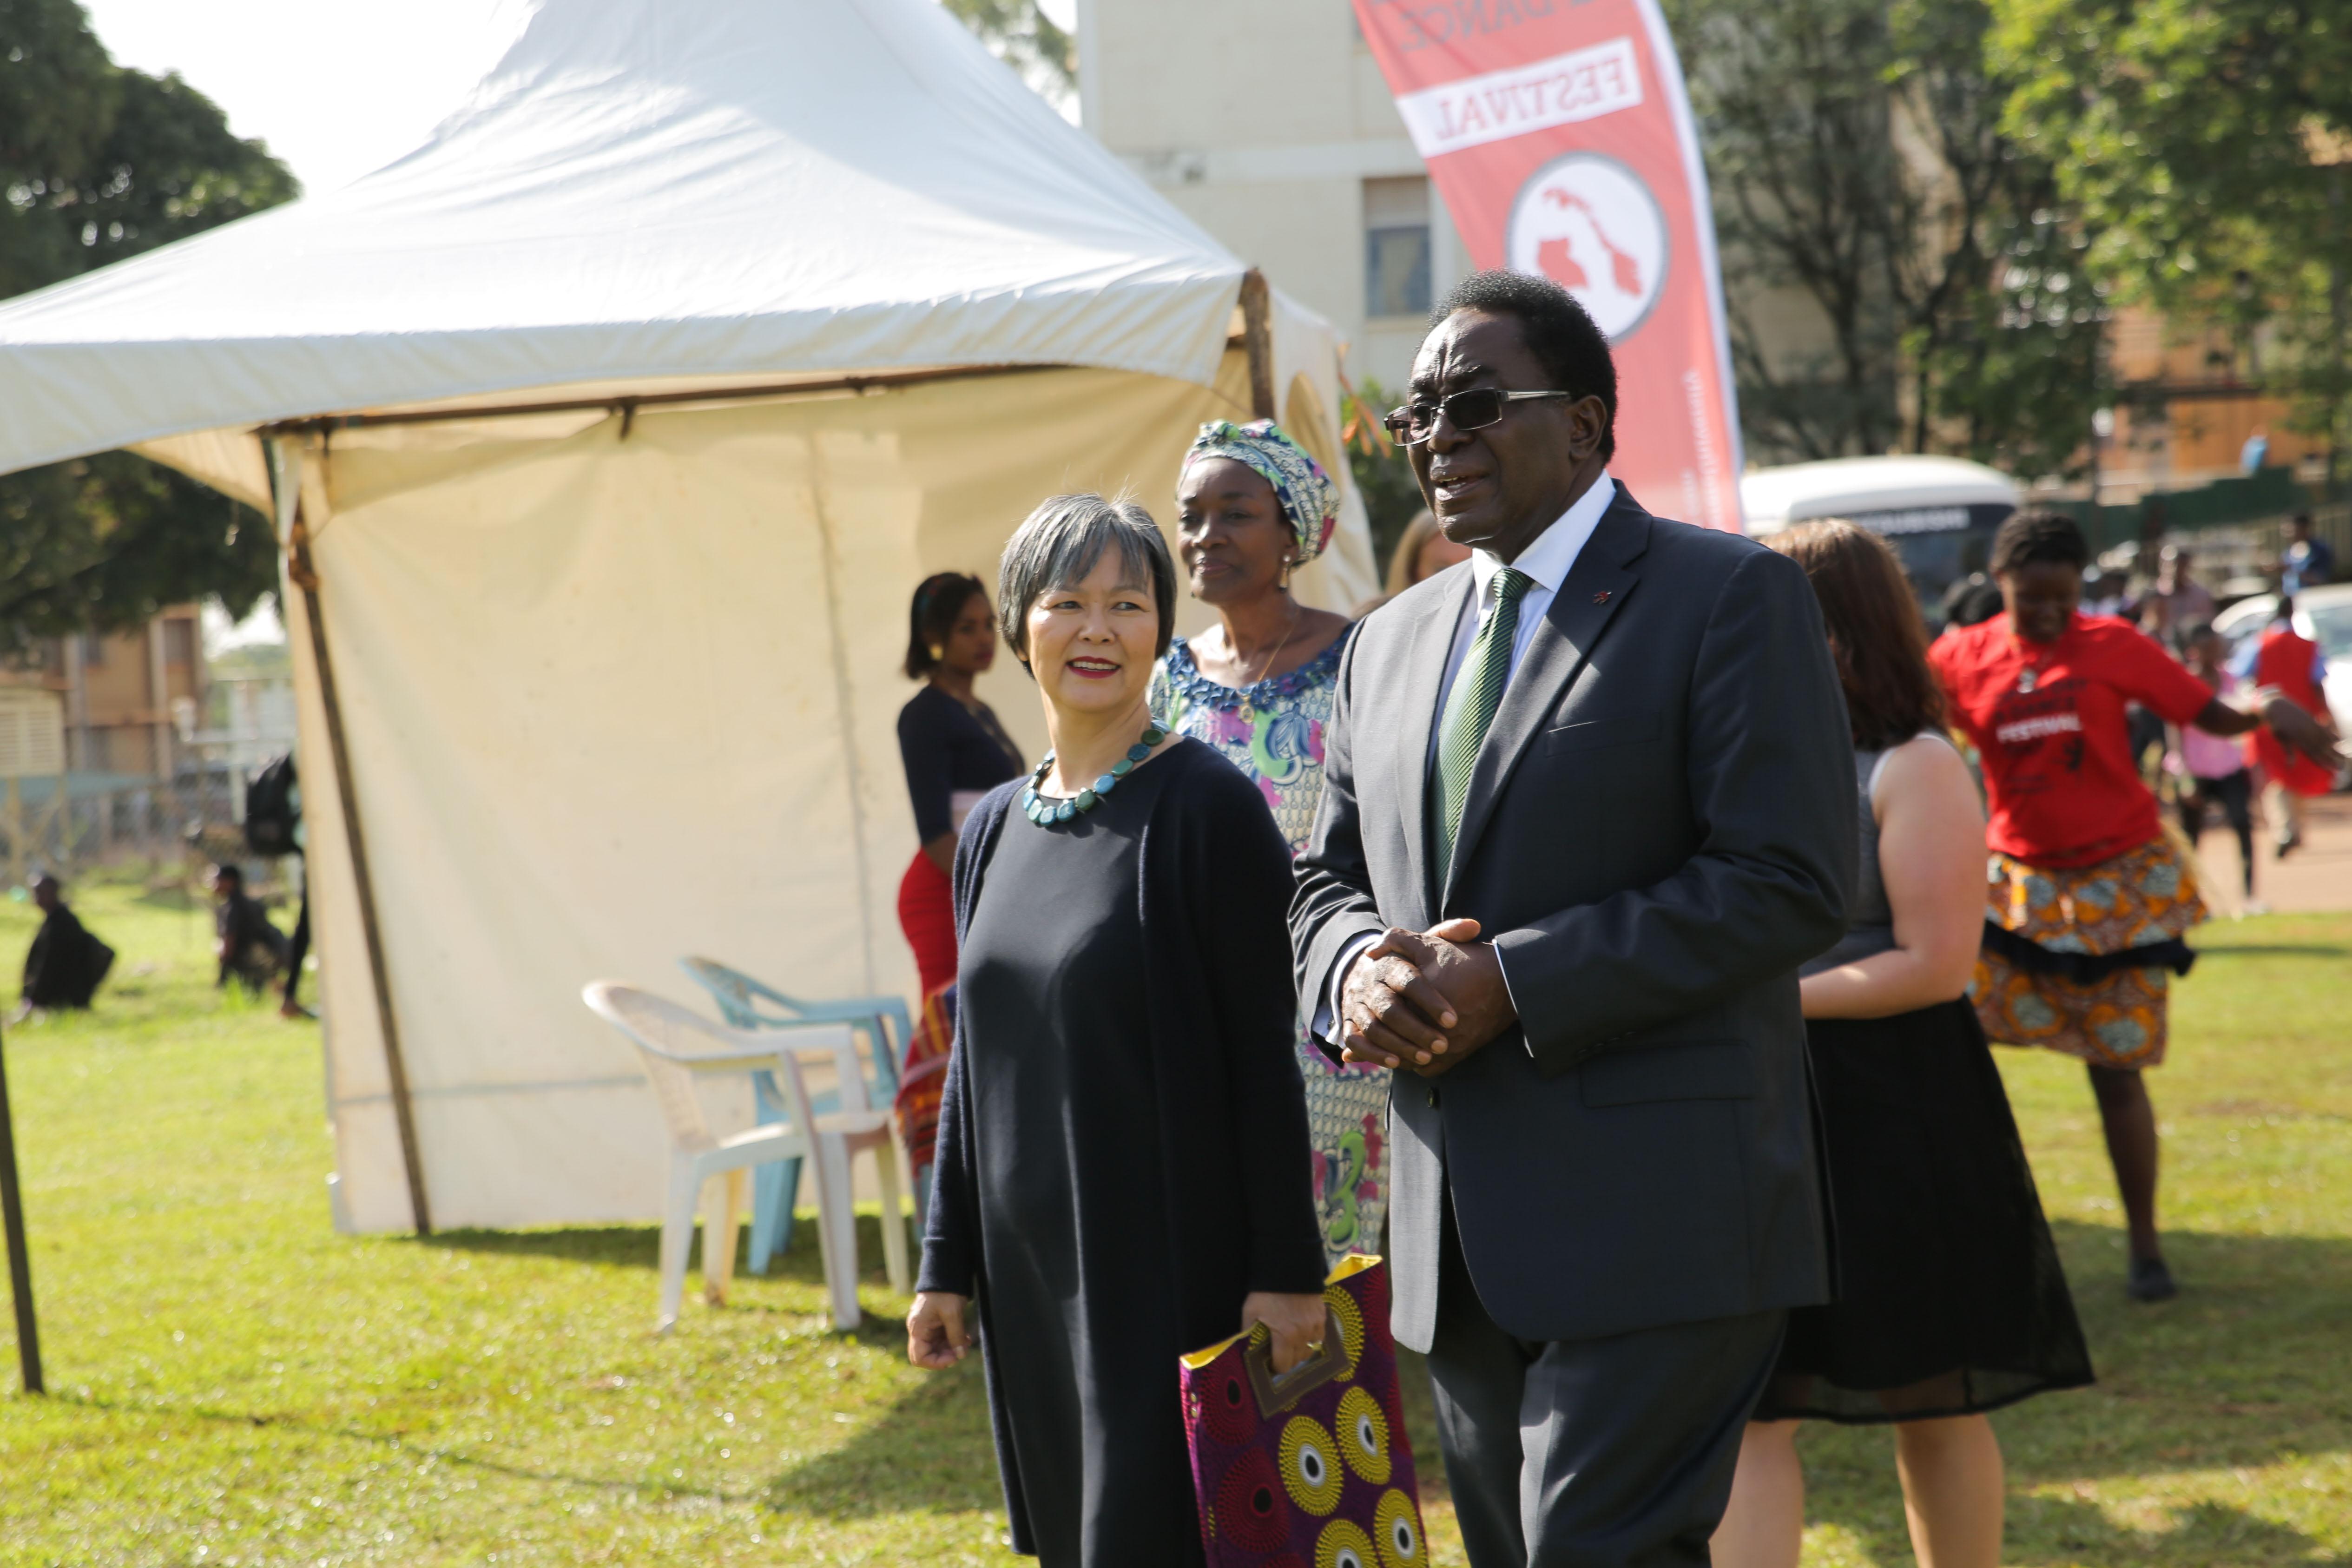 Den norske ambassadøren i Uganda gjestet både Åpen dag og dansefestivalen